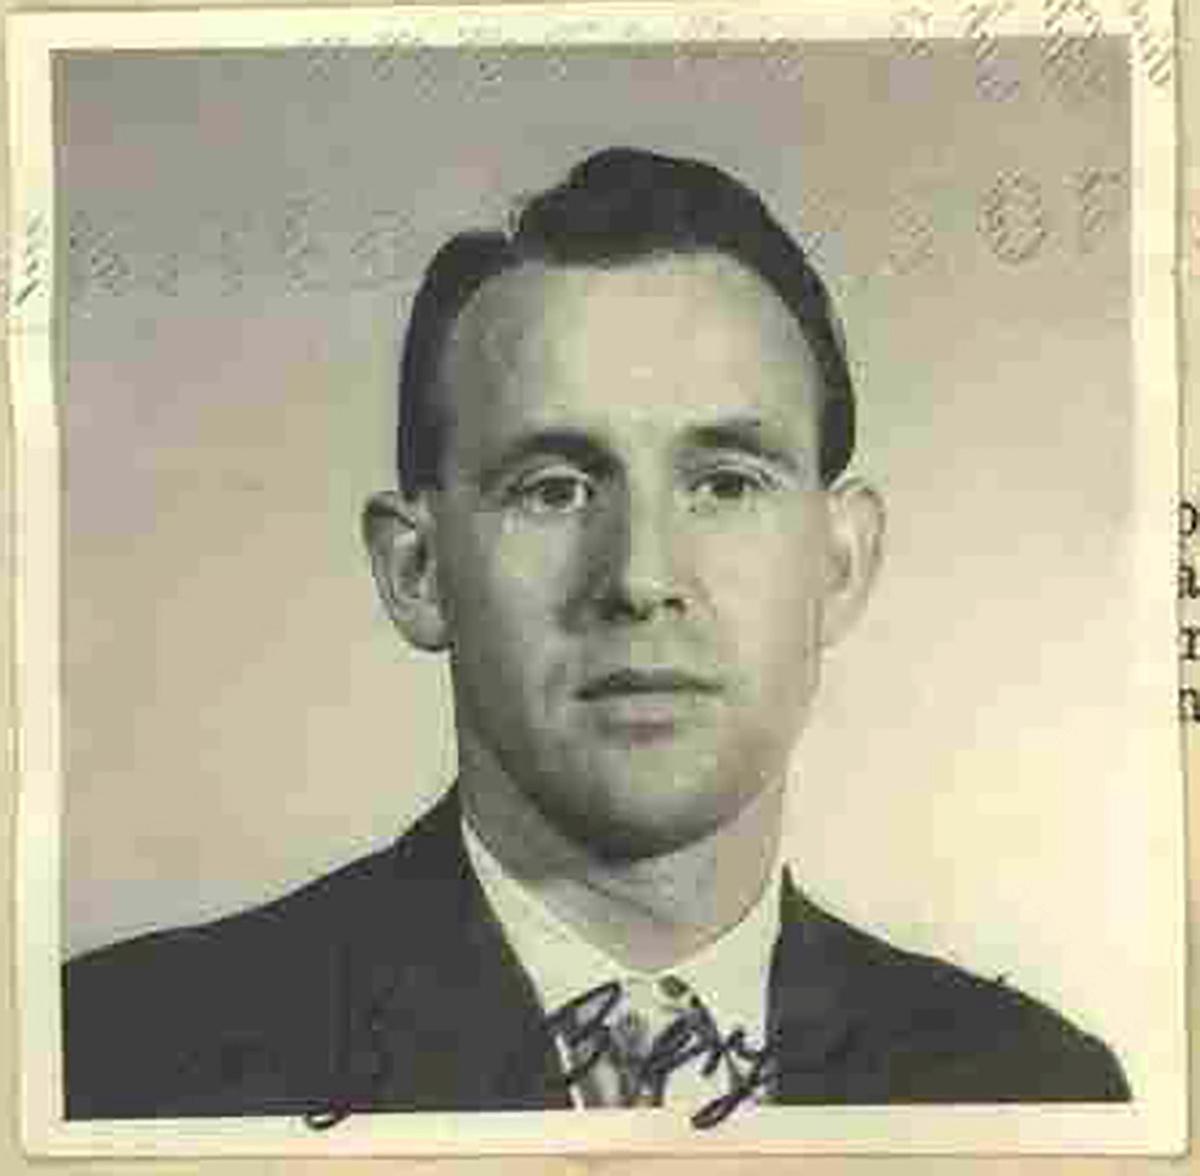 米政府がドイツに移送した強制収容所の元看守の男=1959年撮影(米司法省提供、ロイター)